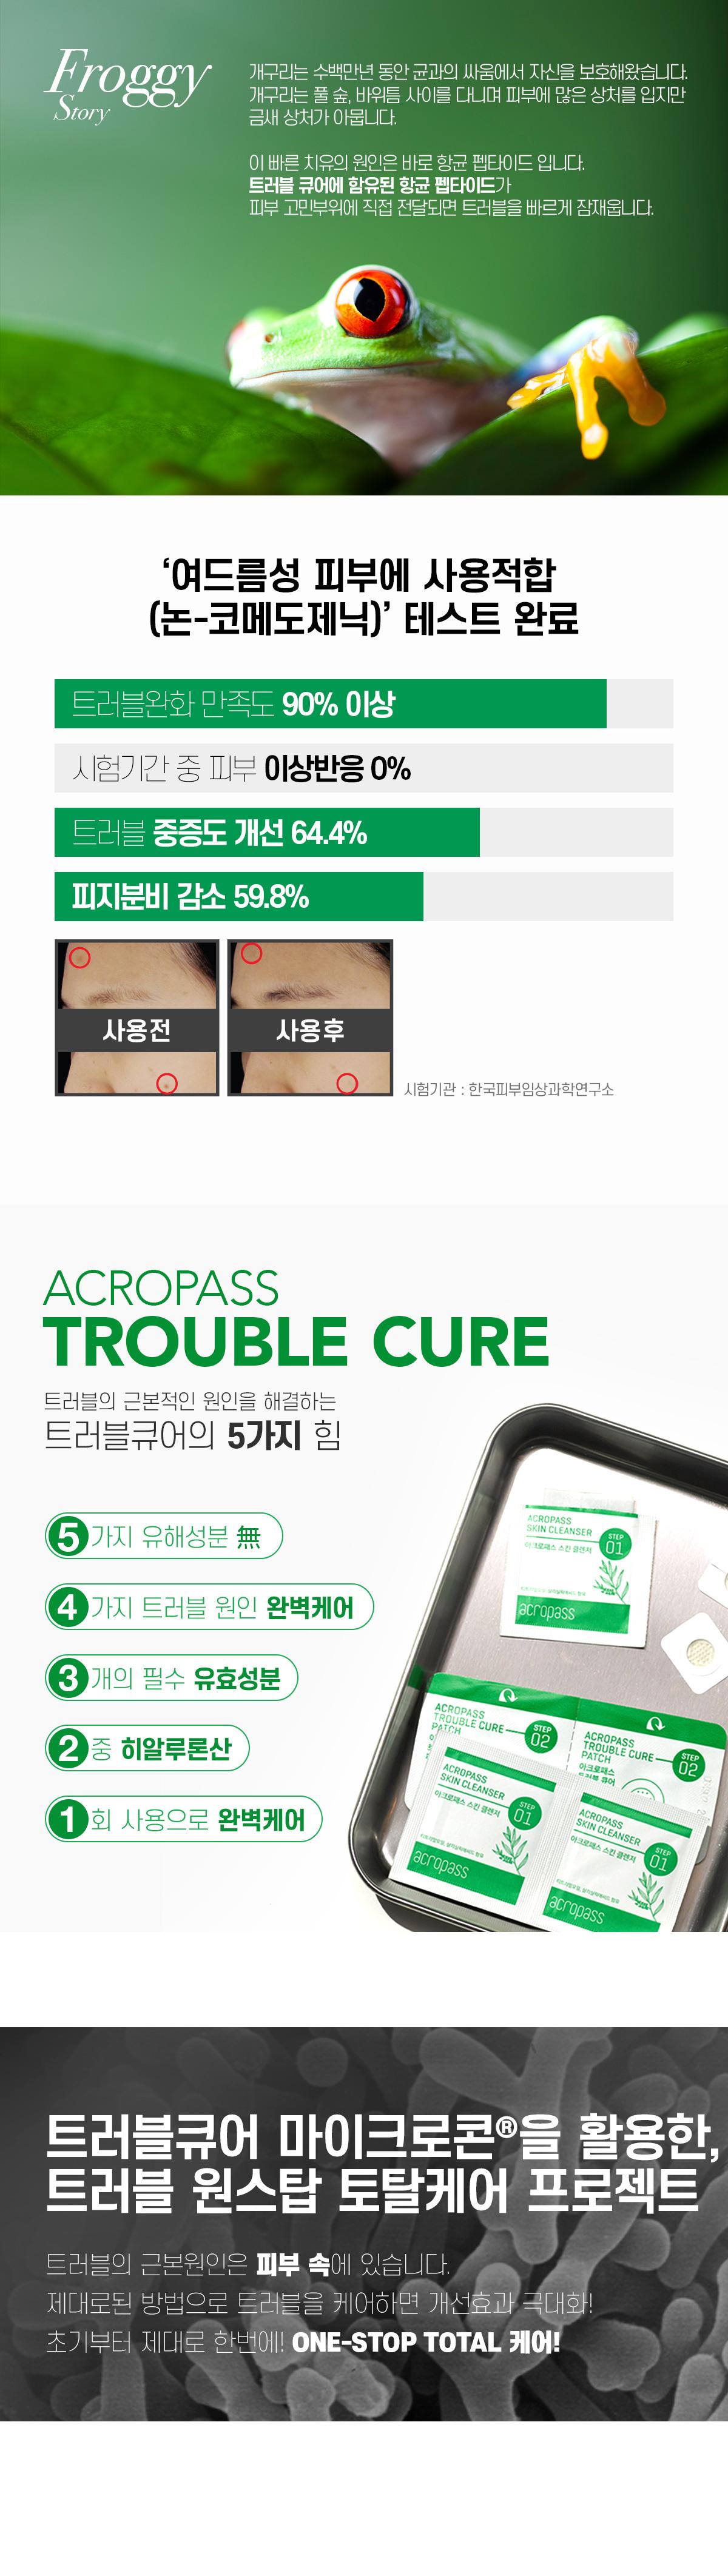 trouble_cure_03%2C.jpg